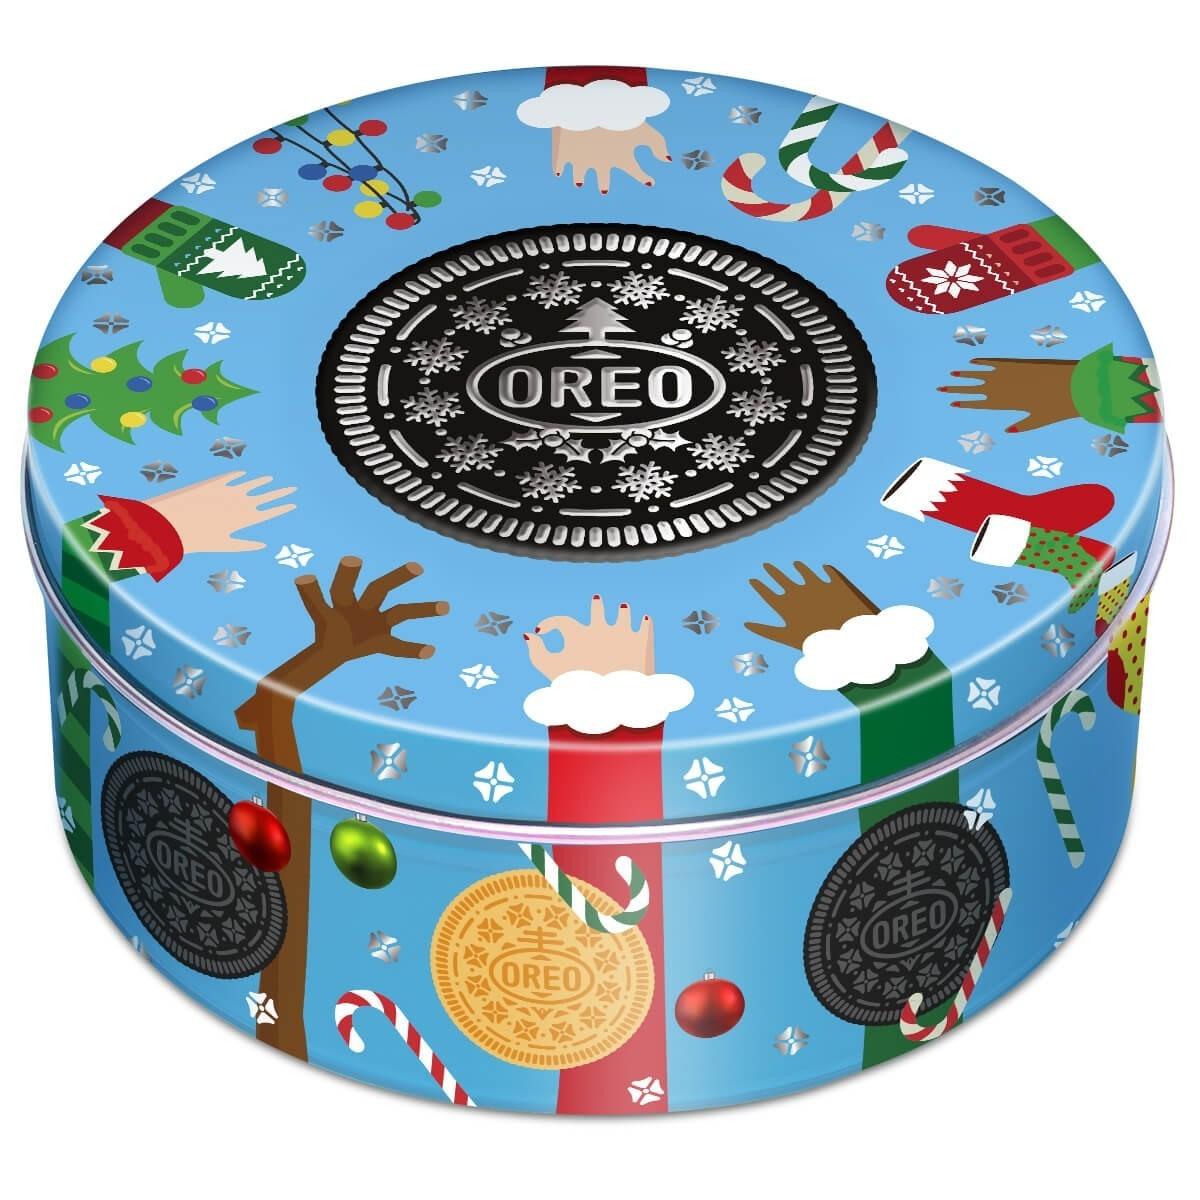 Cadbury Oreo Biscuit Tin 350g